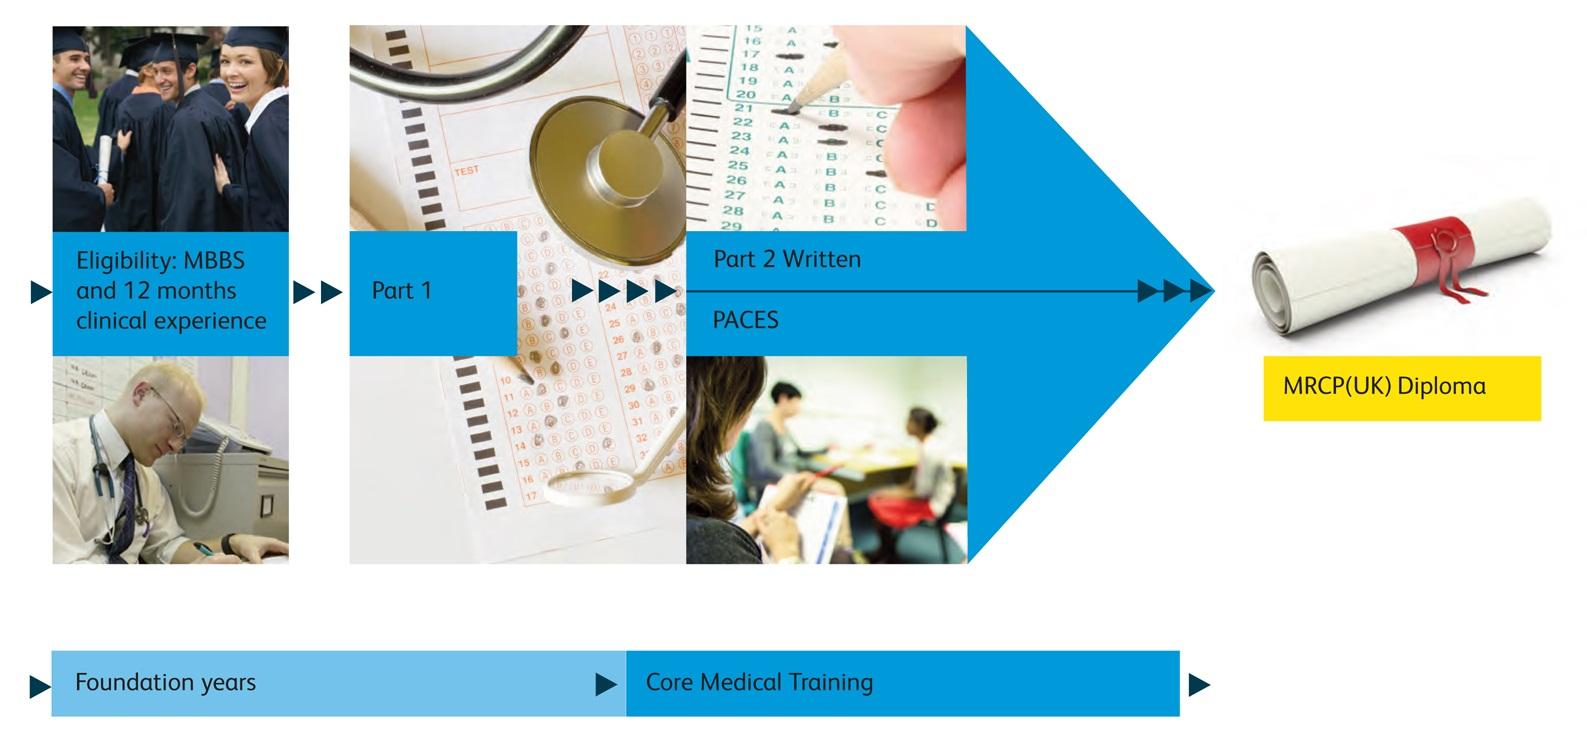 MRCP(UK) examinations | MRCPUK